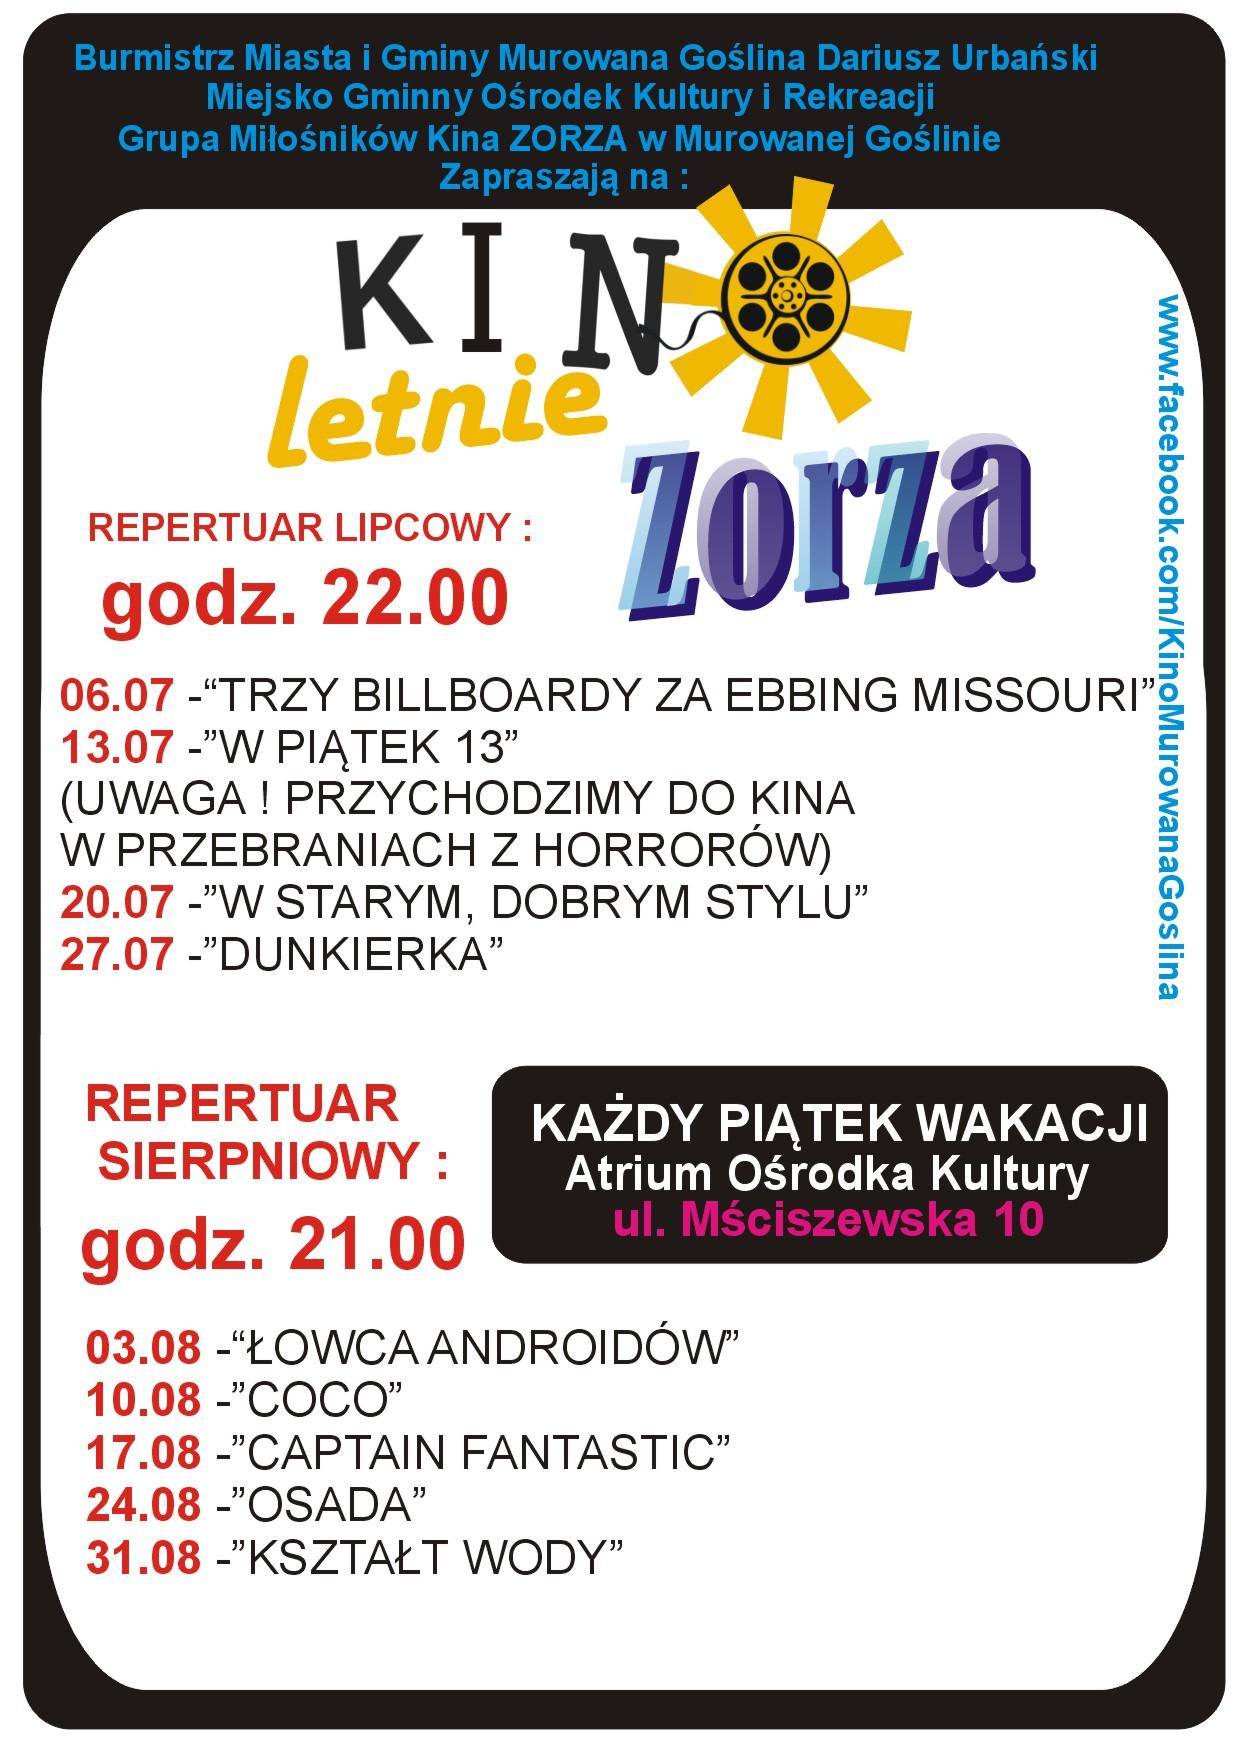 Kino Letnie w M.Goślinie